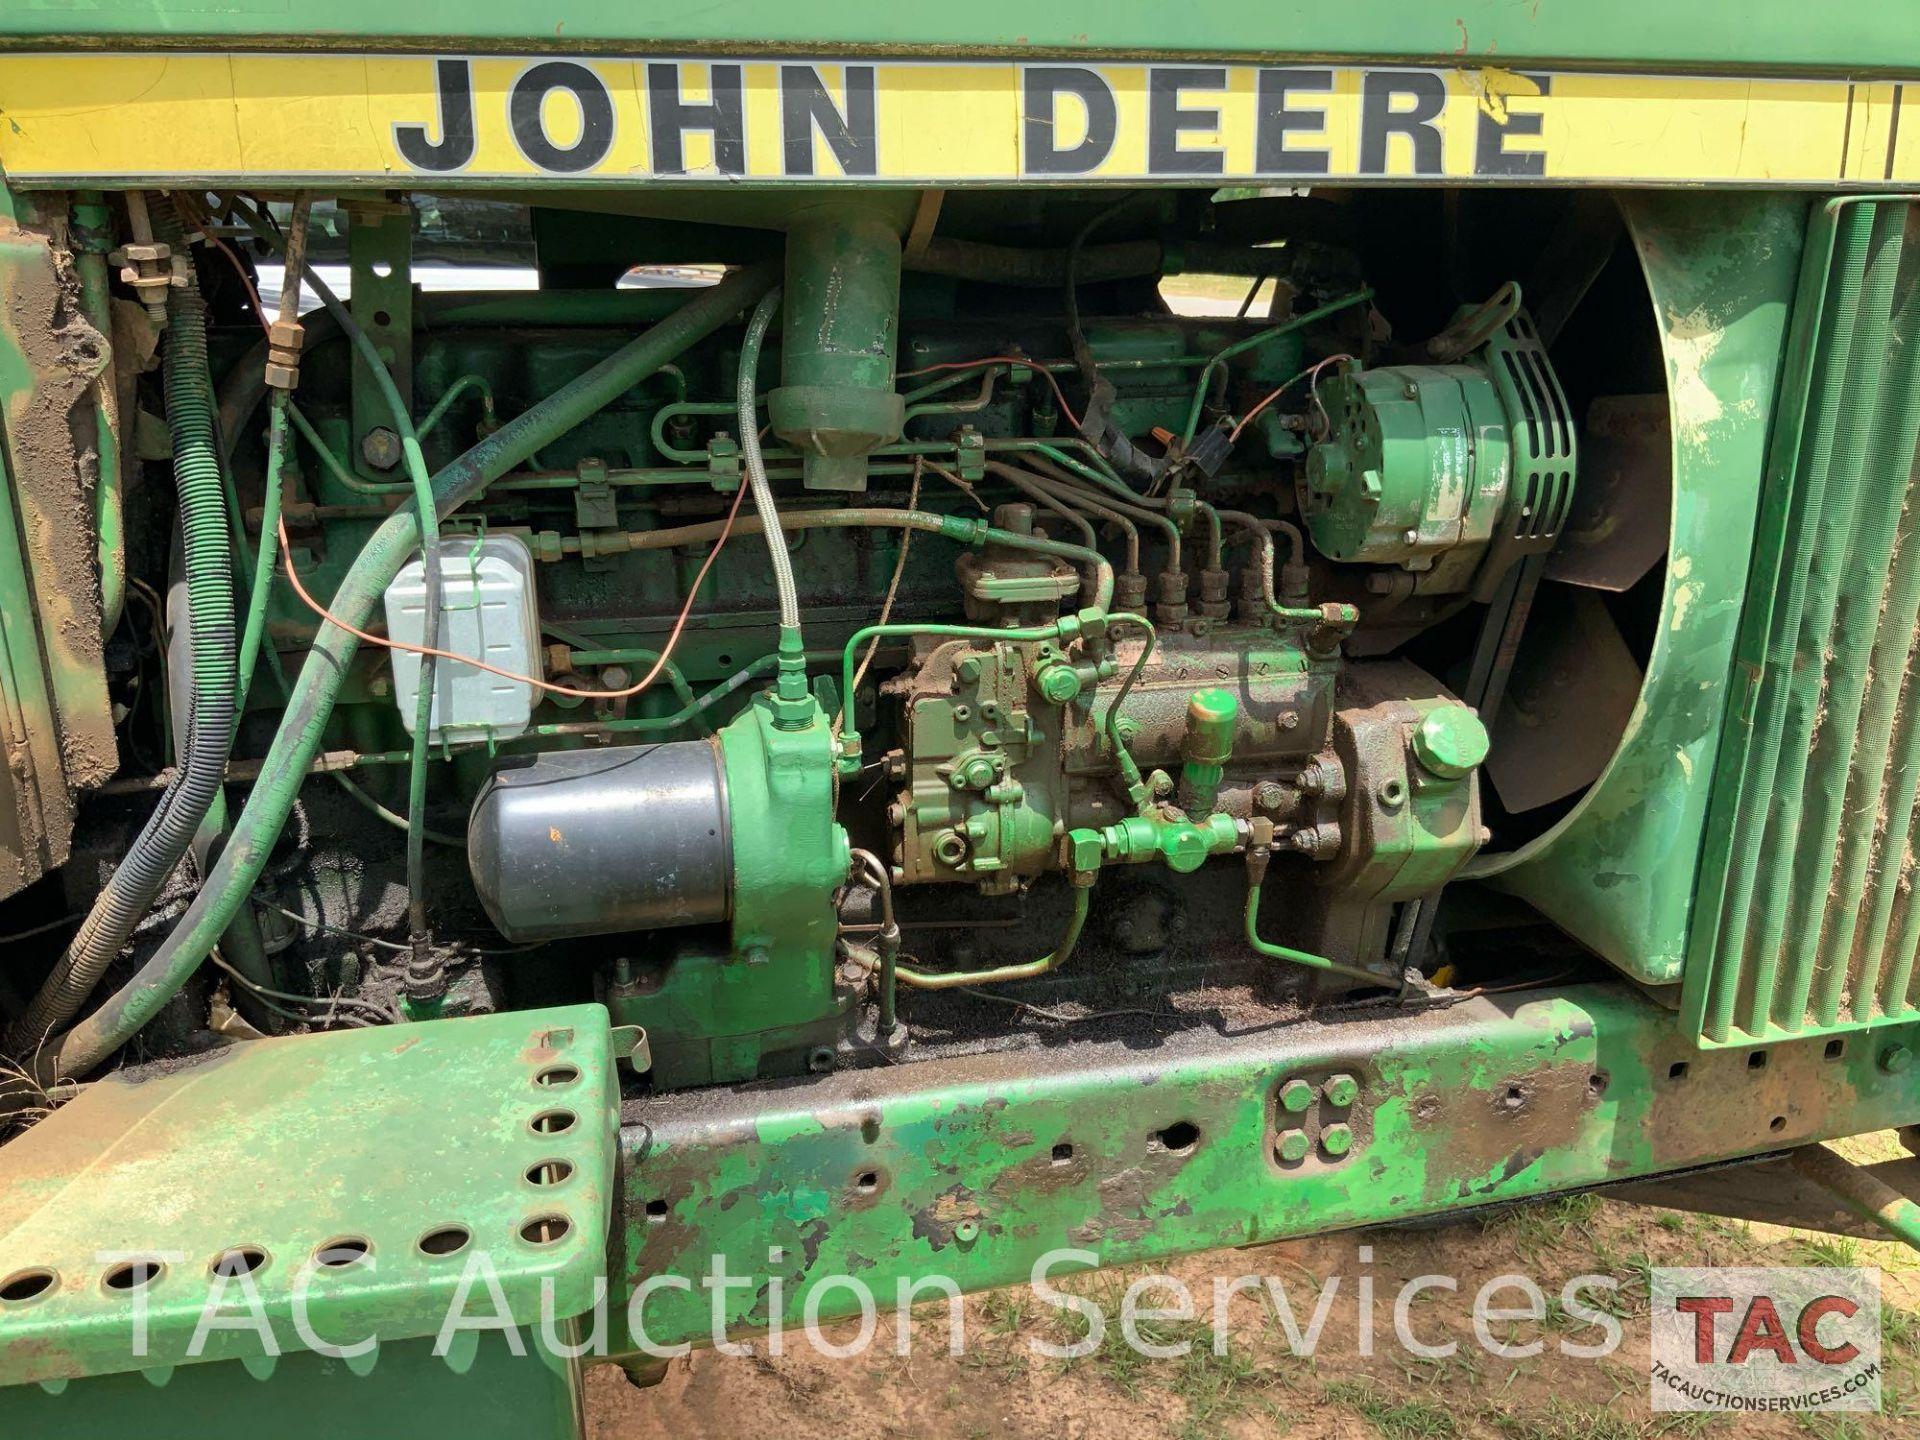 John Deere 4440 Tractor - Image 11 of 31